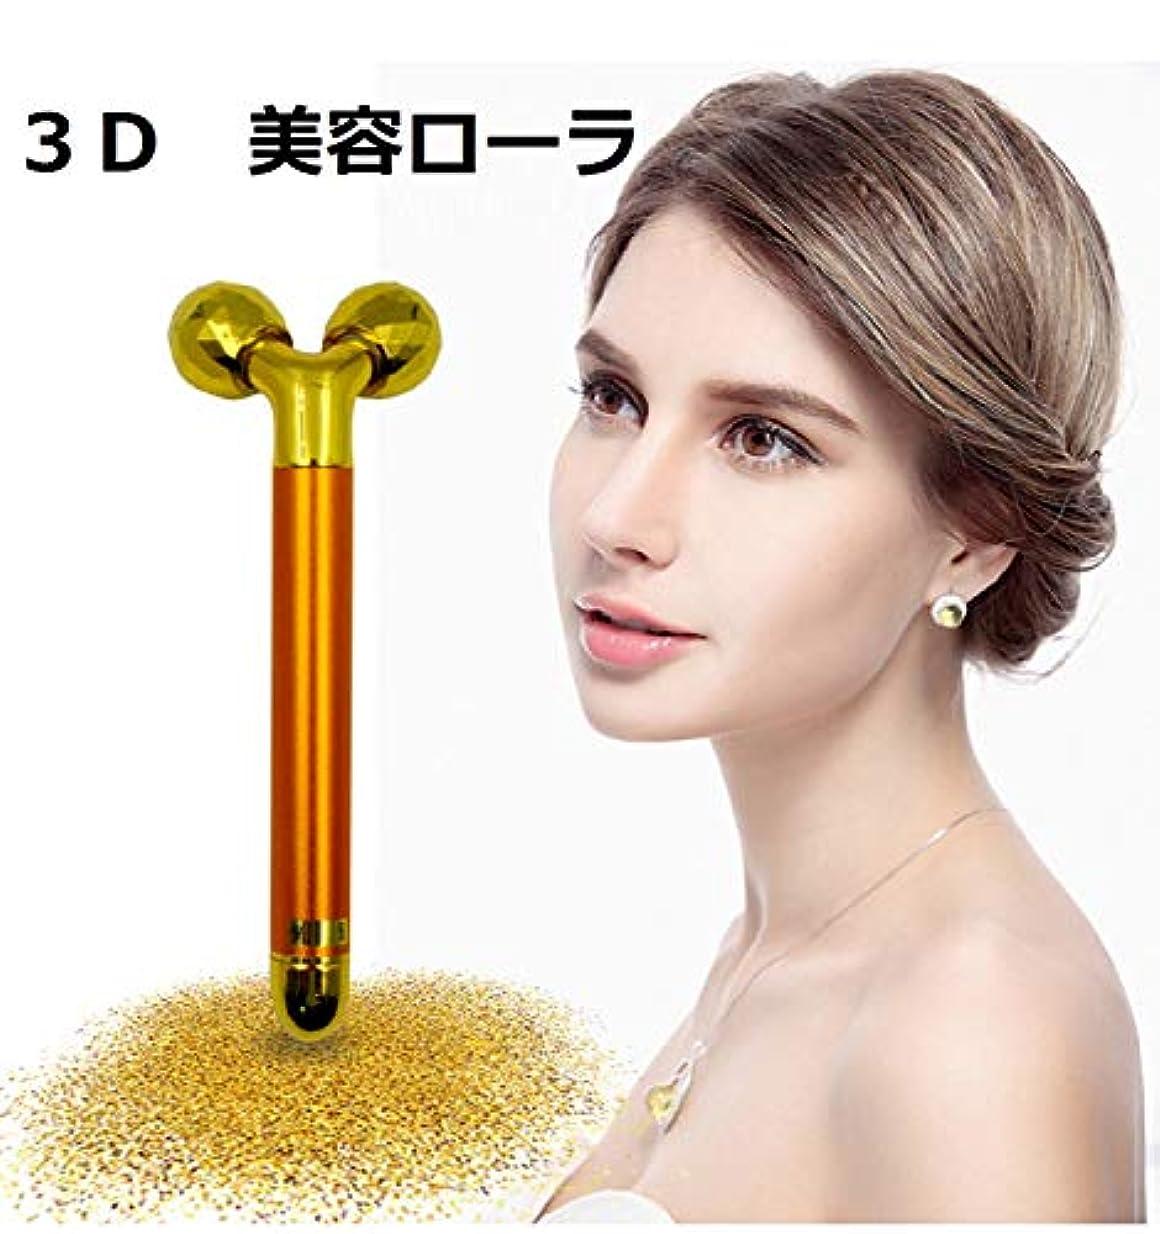 有罪タオルベテラン美容ローラー 小顔ローラー 黄金棒 24K 3D 振動美容器 超音波美顔器 小顔 (ゴールド)